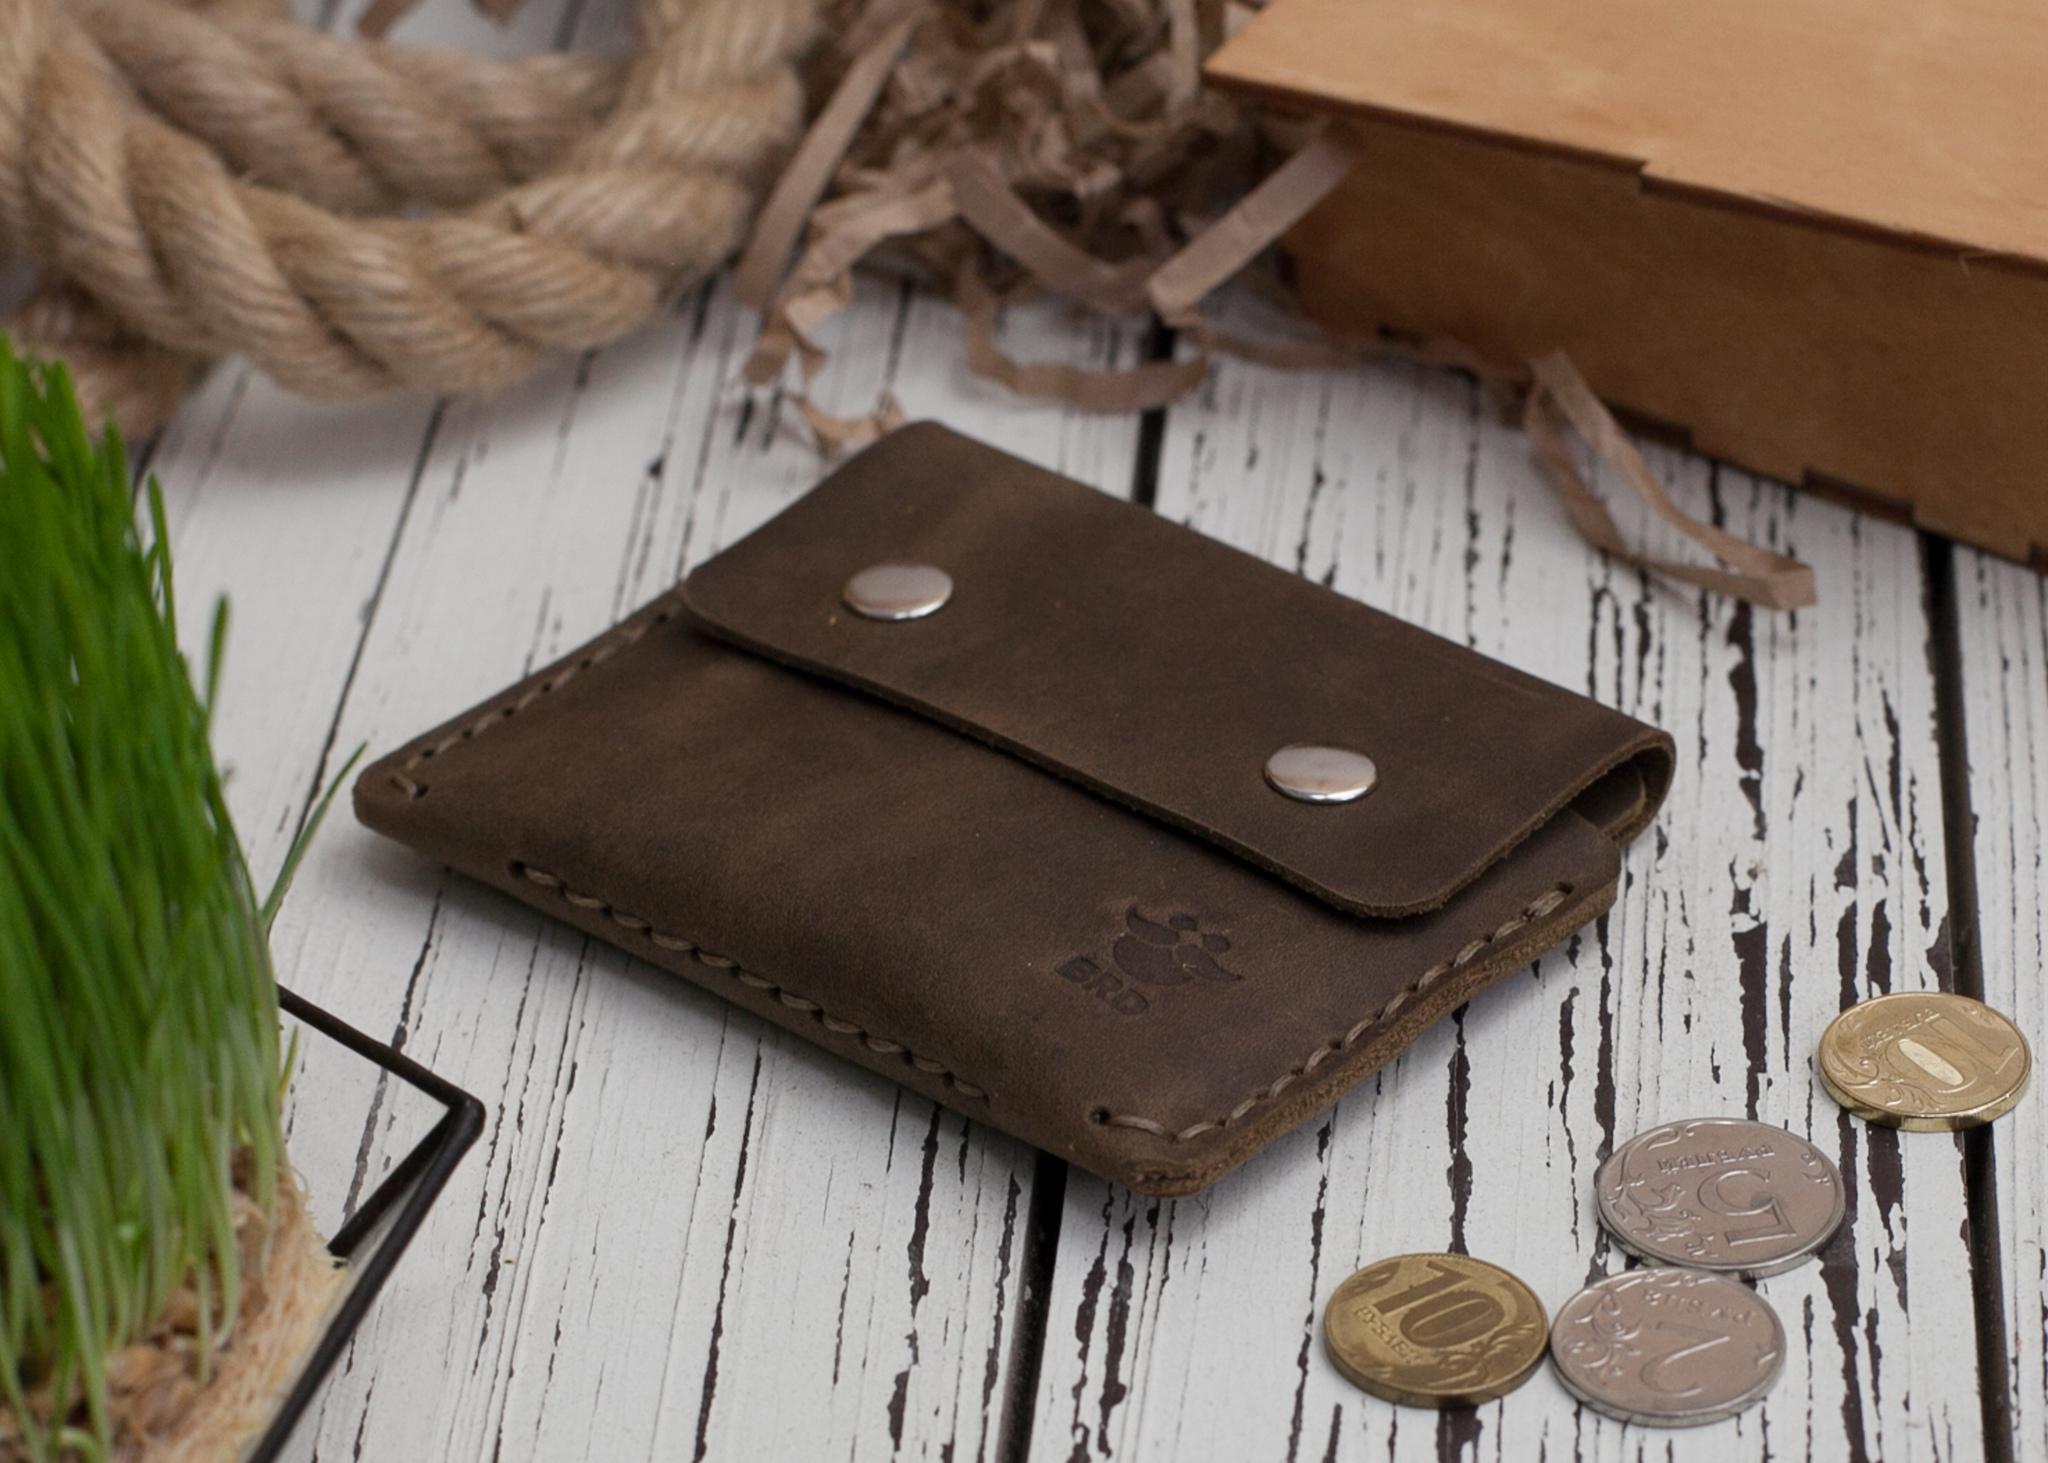 Кожаный картхолдер ручной работы с отделением для монет